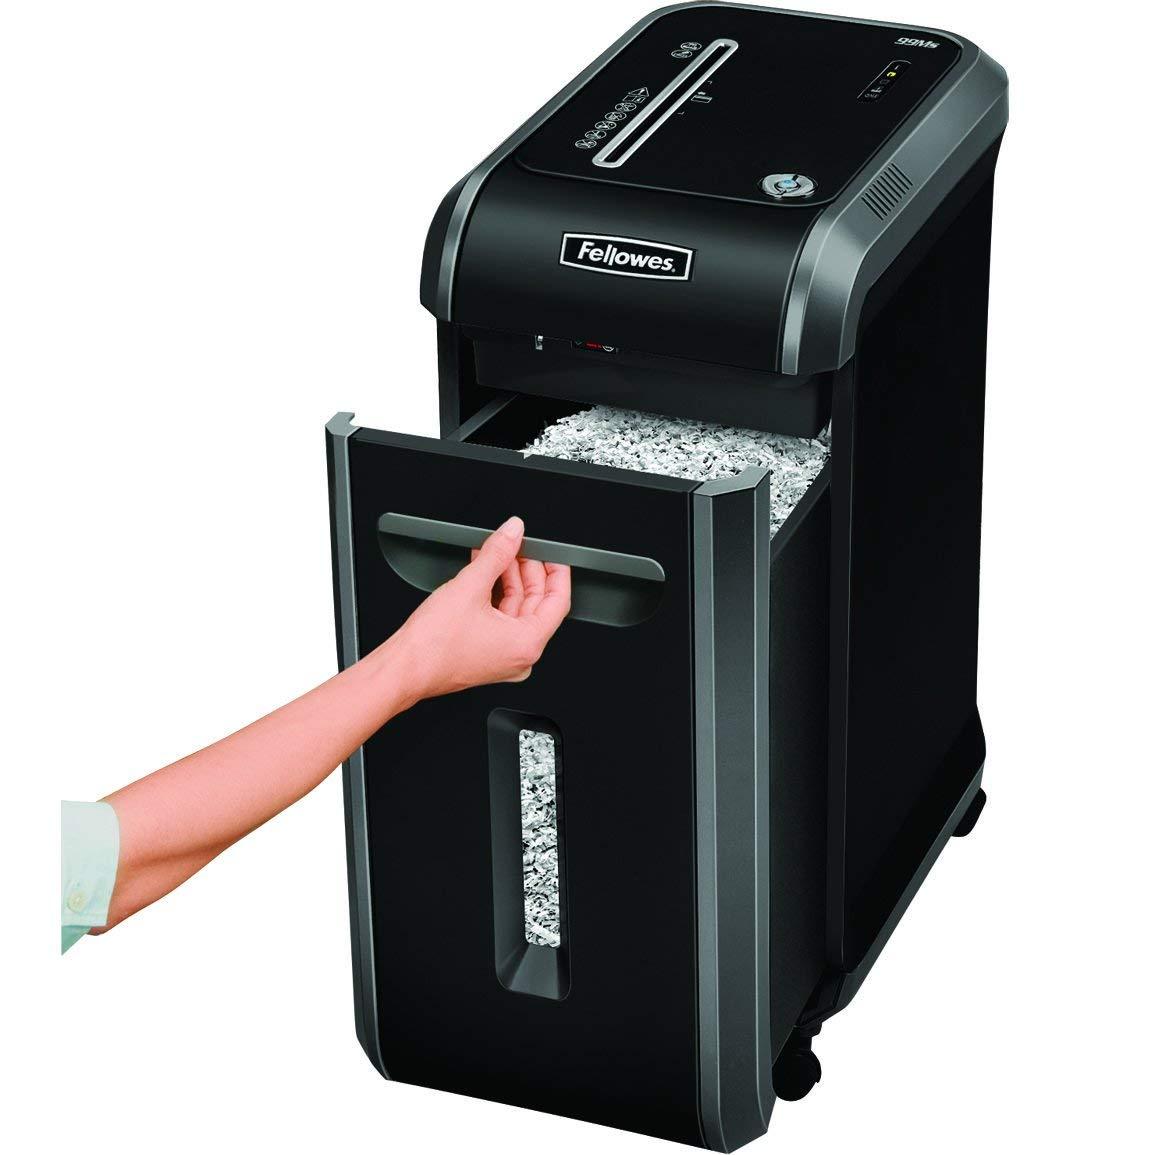 Fellowes heavy Duty Paper Shredder